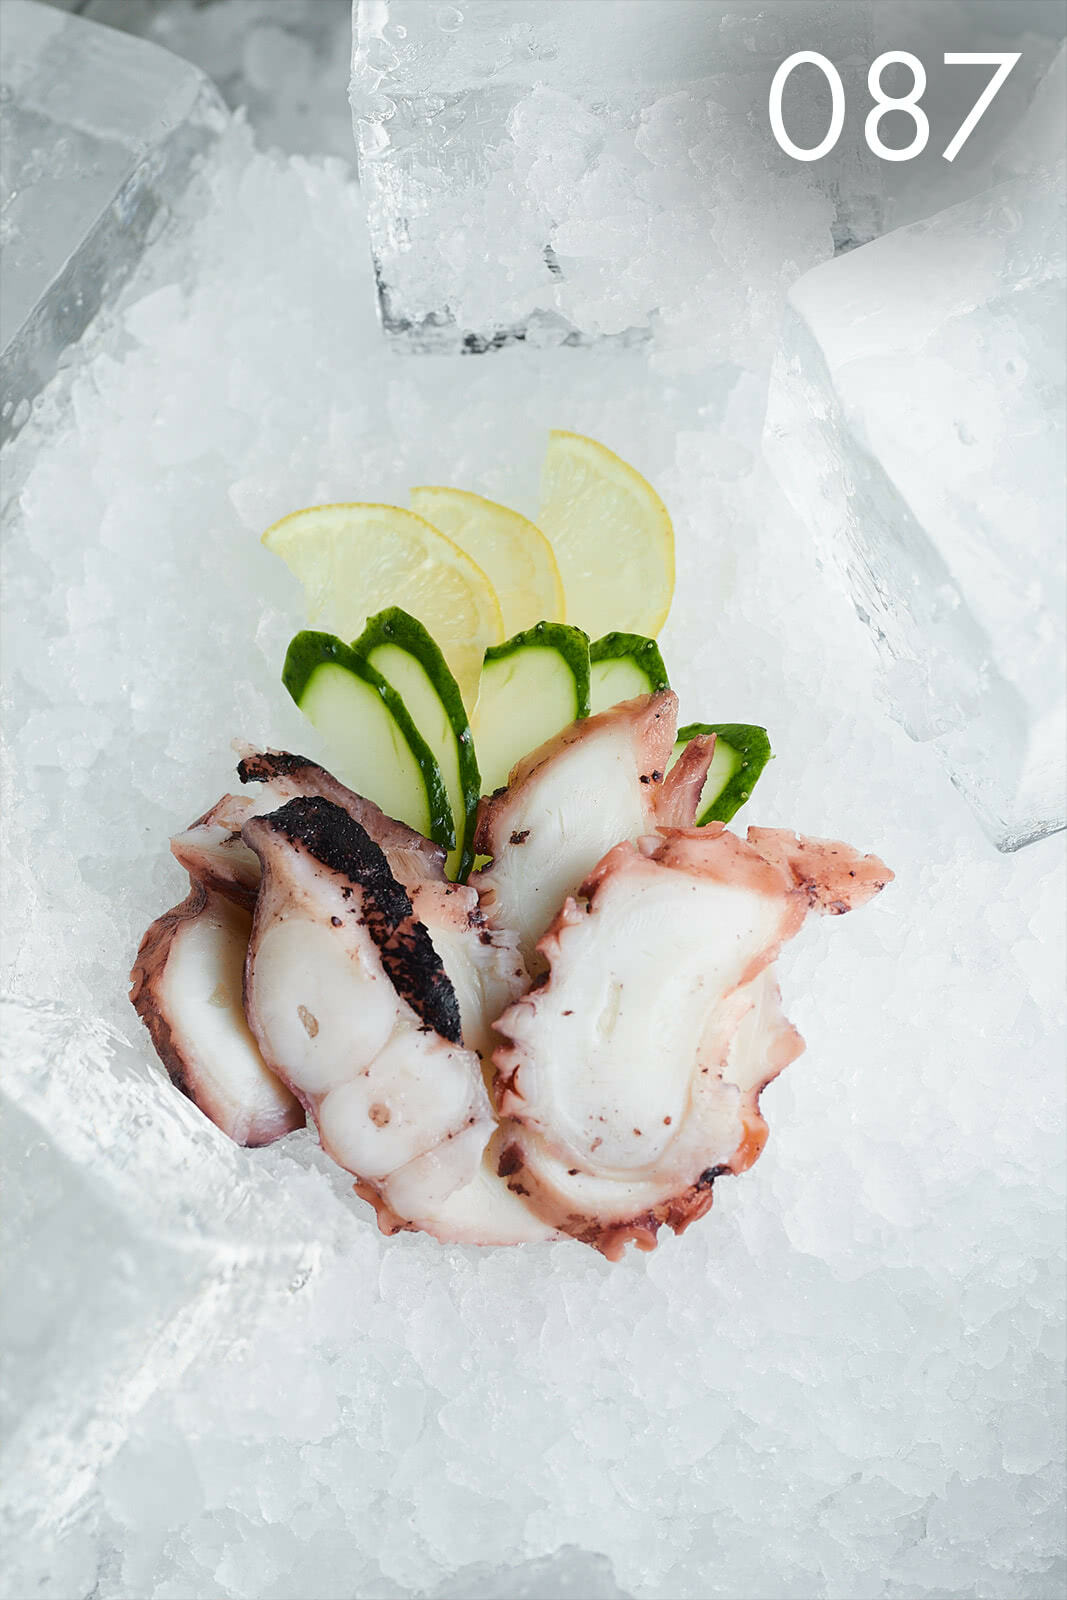 сашими с осьминогом в ресторане Веранда